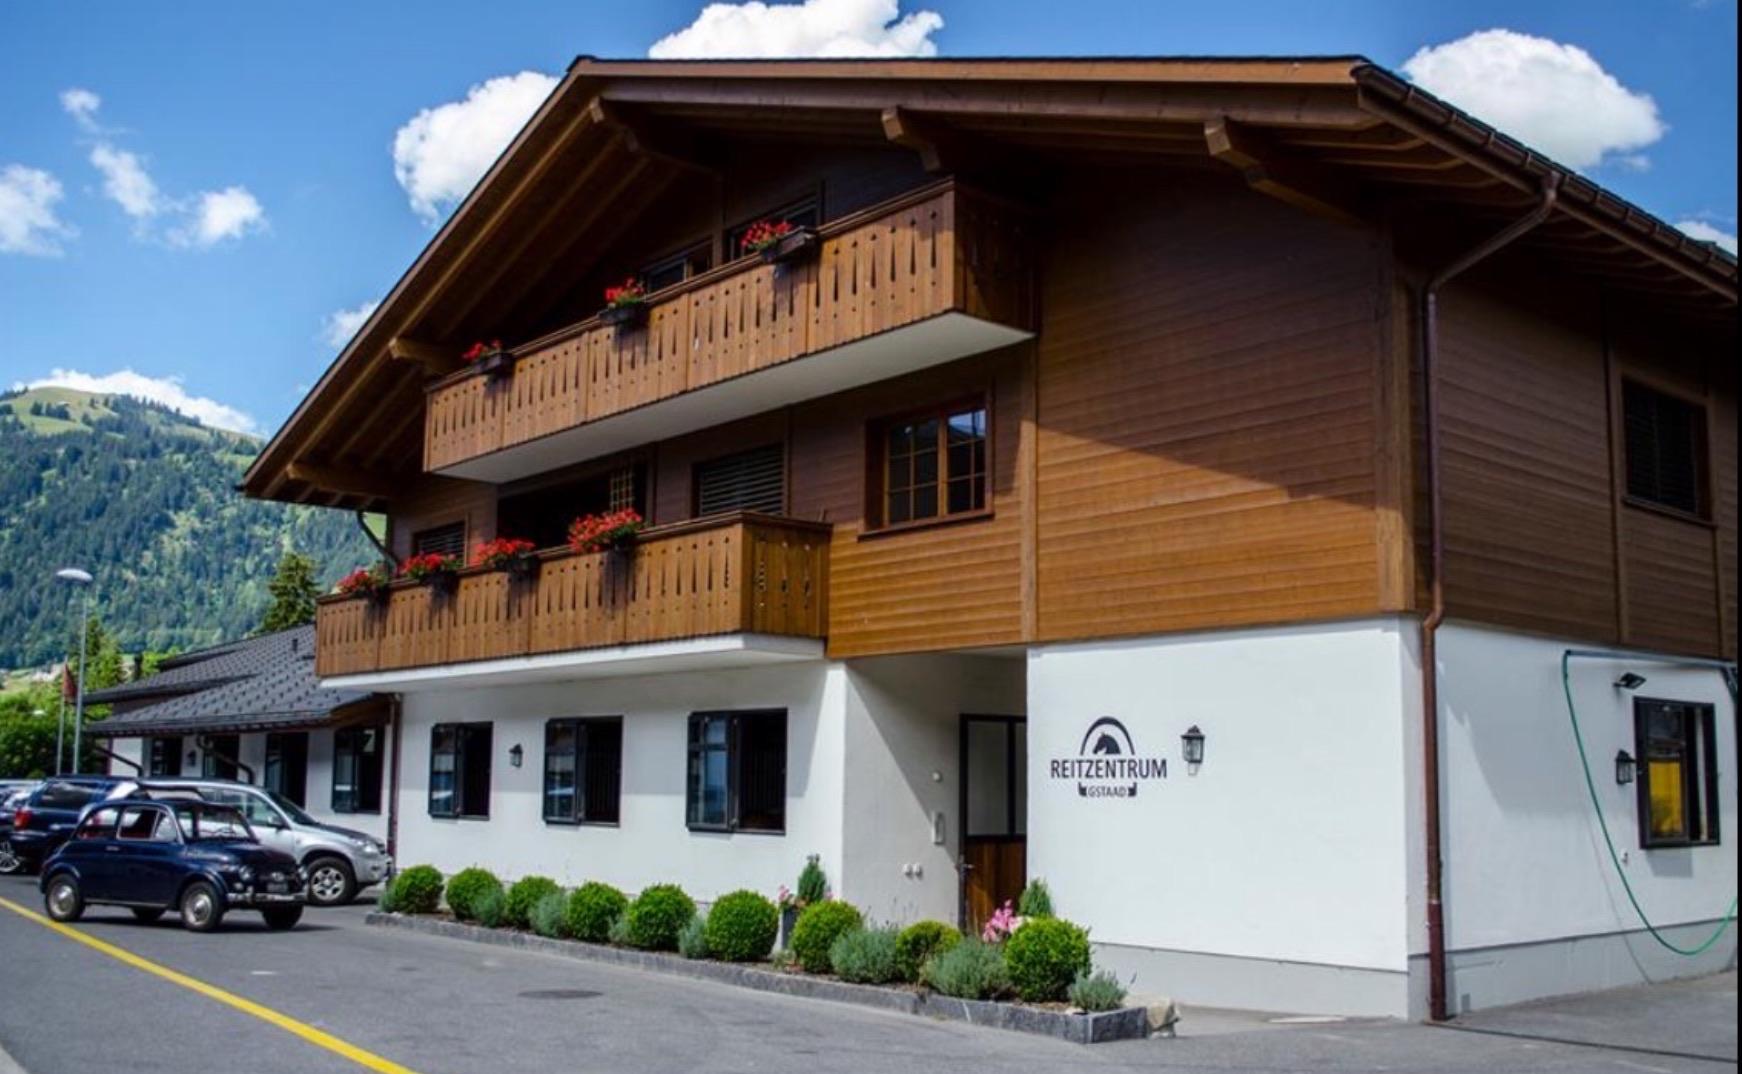 Willkommen in Reitzentrum Gstaad